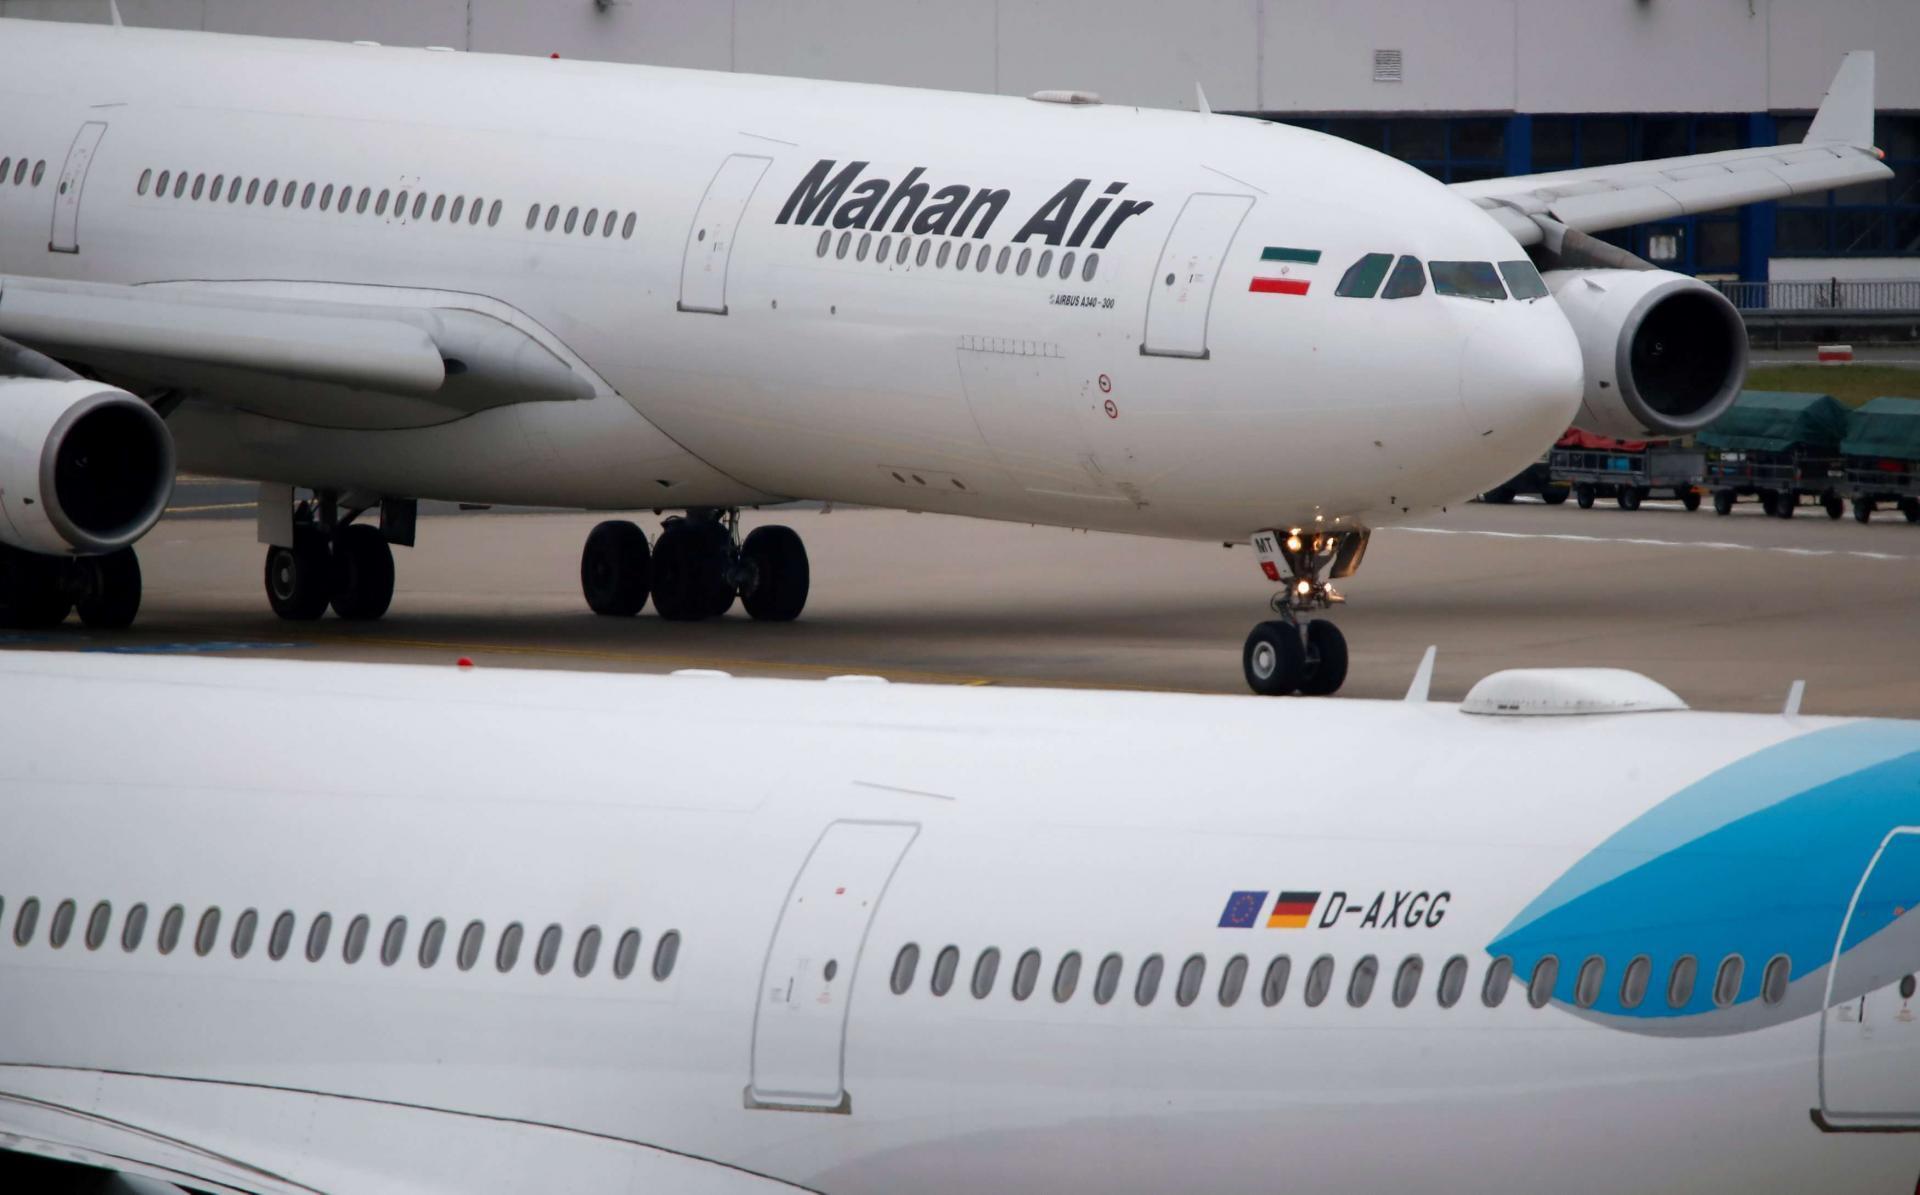 """یک هواپیمای ایرباس """"ماهان ایر  A340-300"""" در فرودگاه دوسلدروف."""